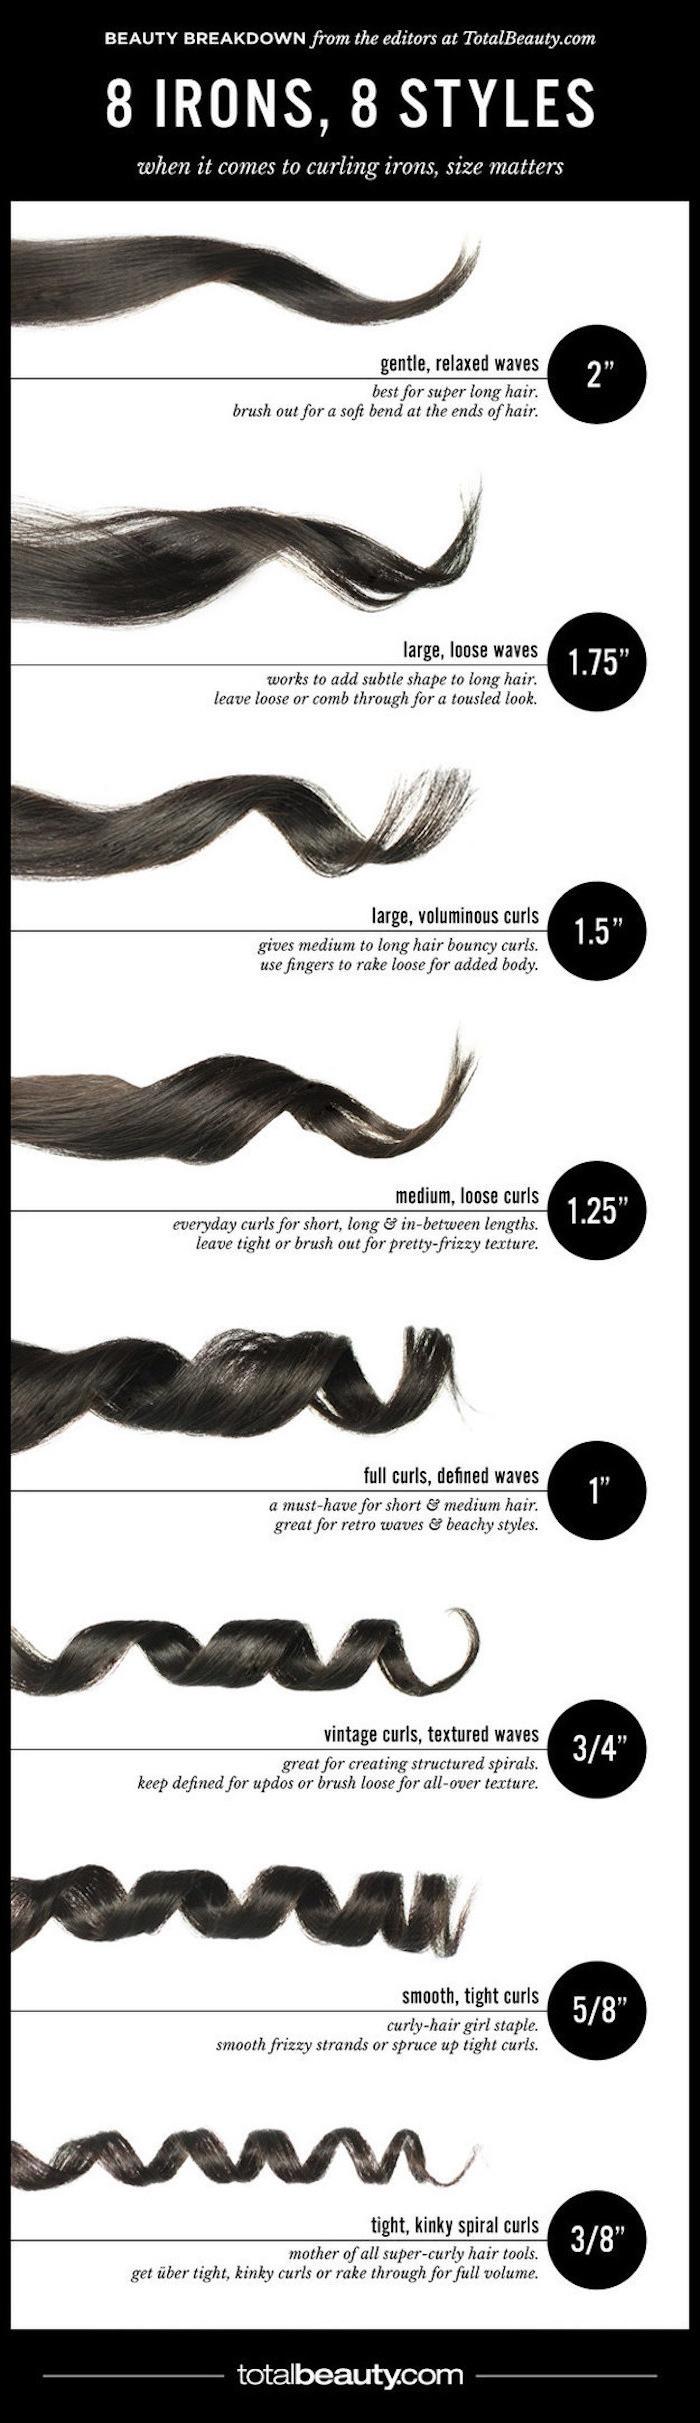 ideen und weisen was für locken sie in den haaren machen können, kurze haare locken, lange haare lockig gestalten